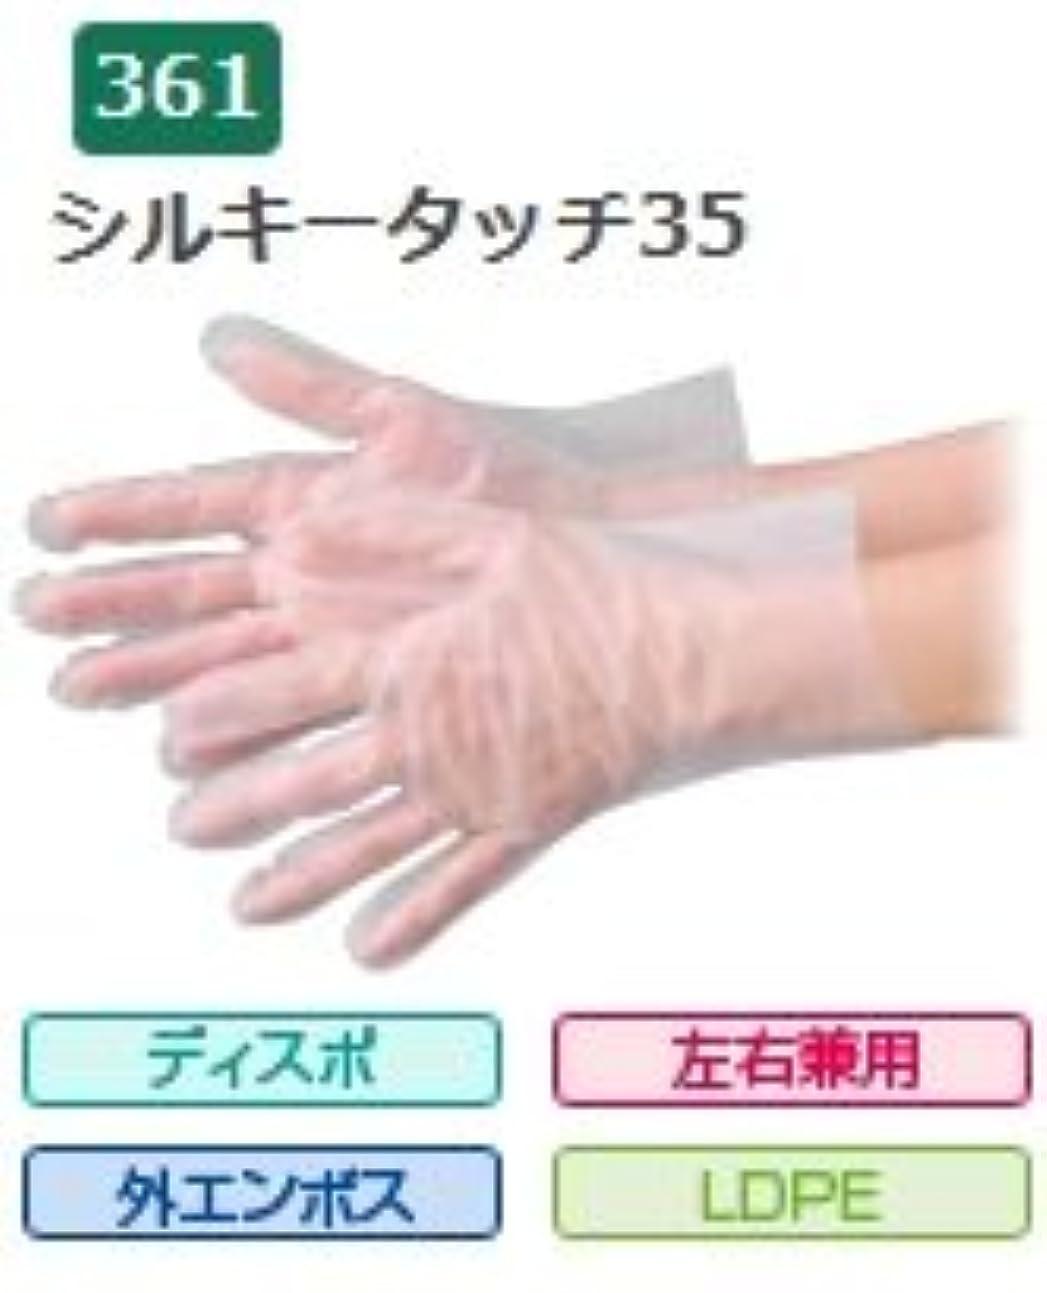 電圧ブロンズ船尾エブノ ポリエチレン手袋 No.361 L 半透明 (100枚×50箱) シルキータッチ35 箱入